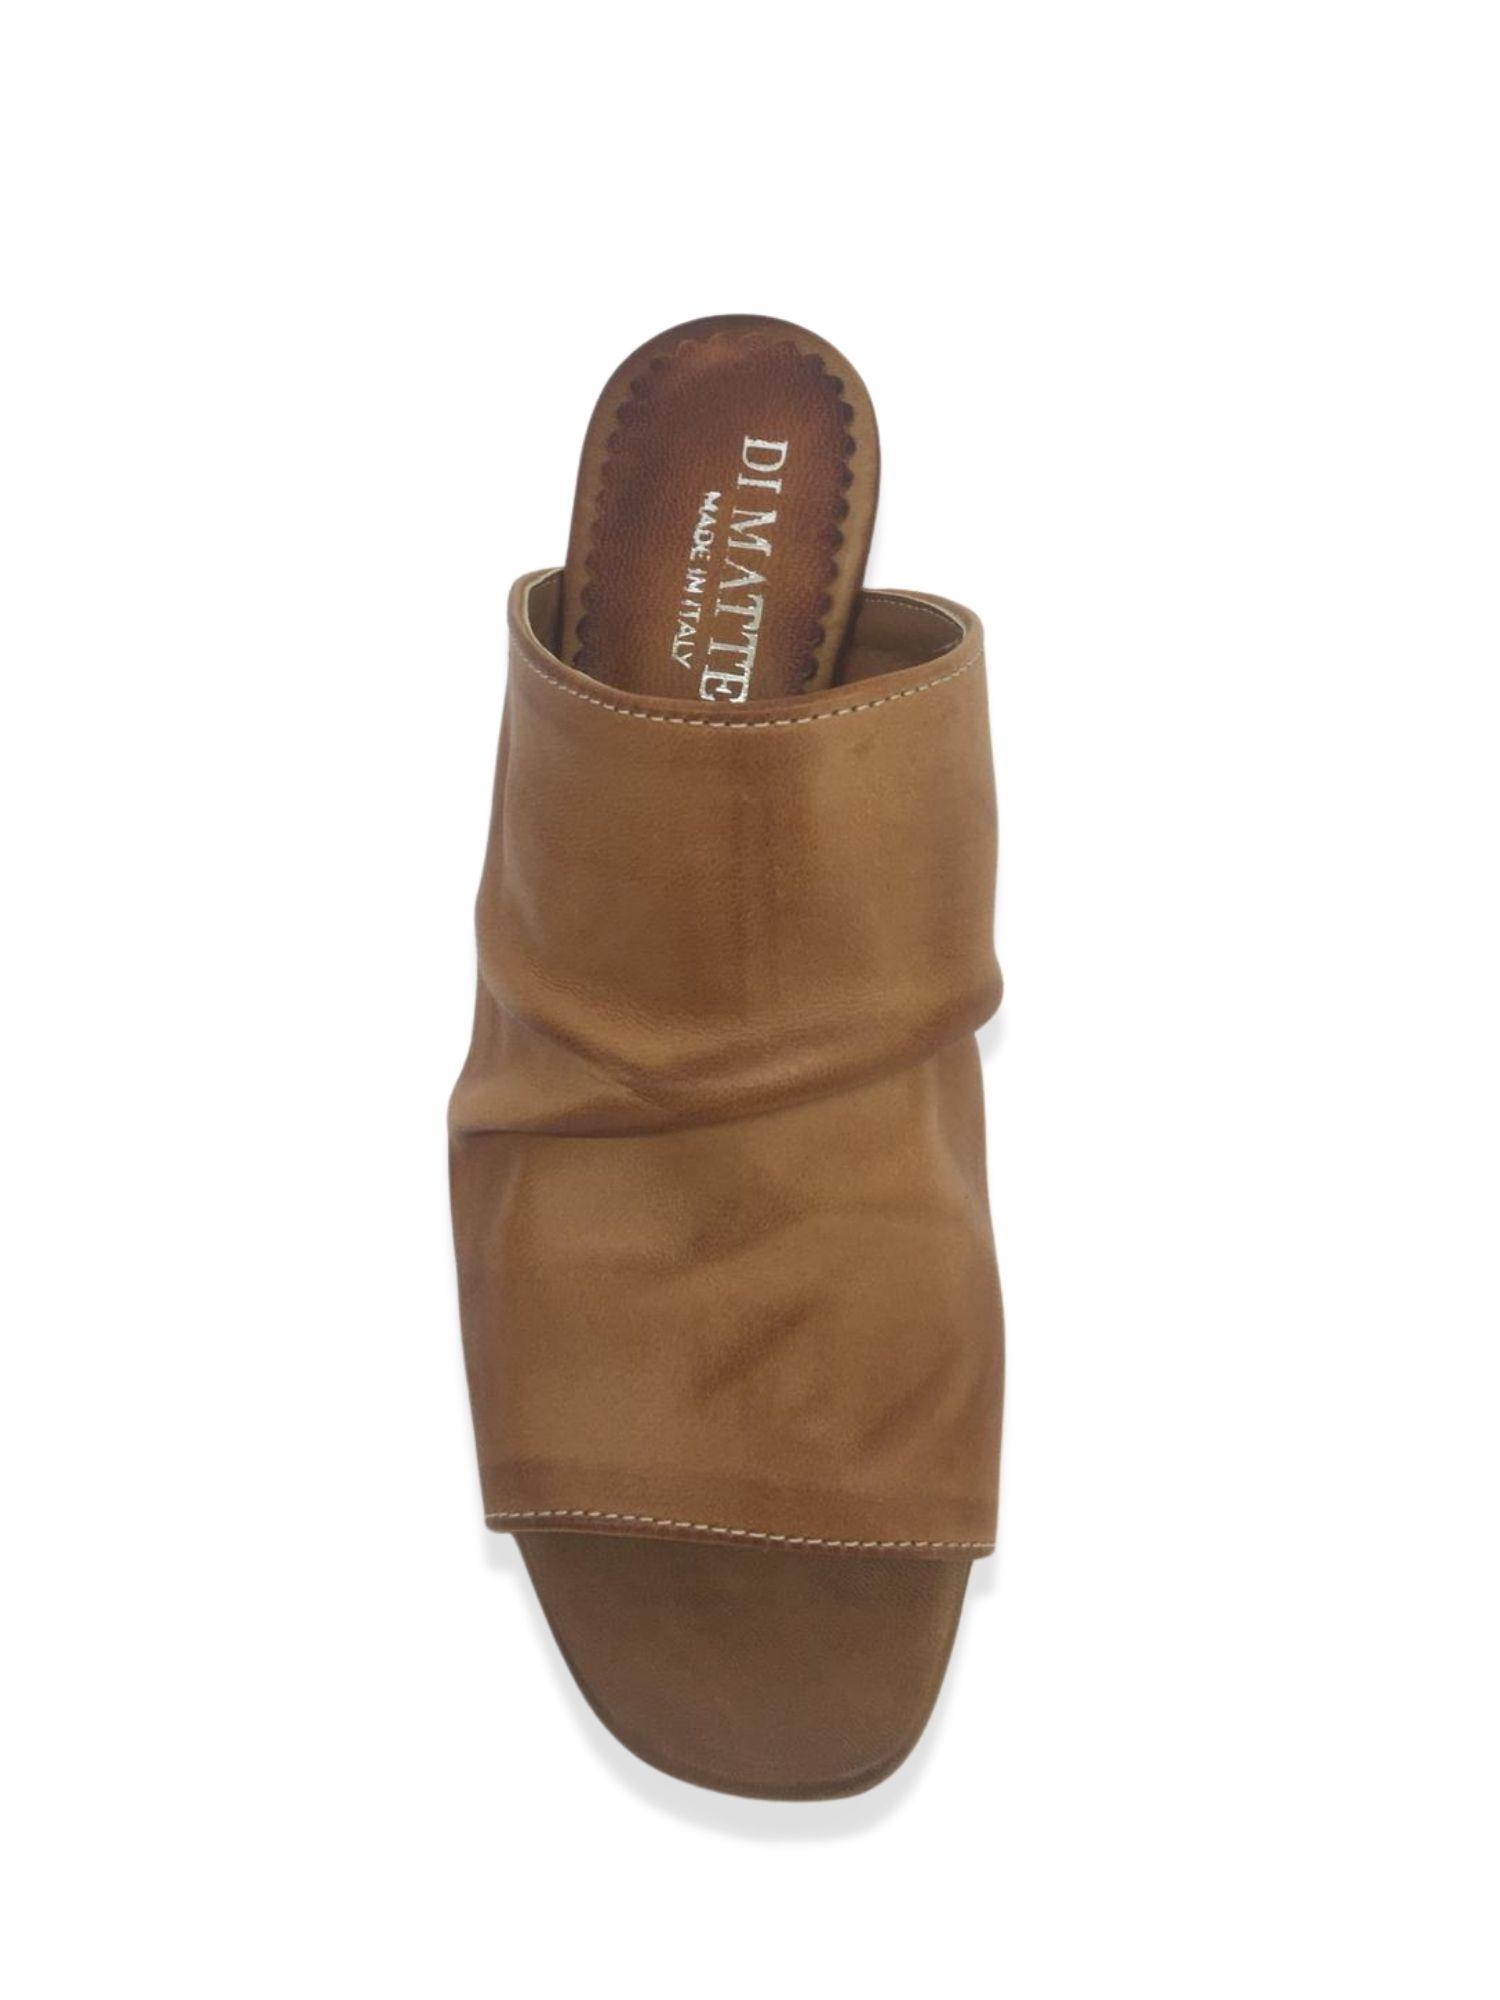 Sandalo Sabot Made in Italy 107 Cuoio alto